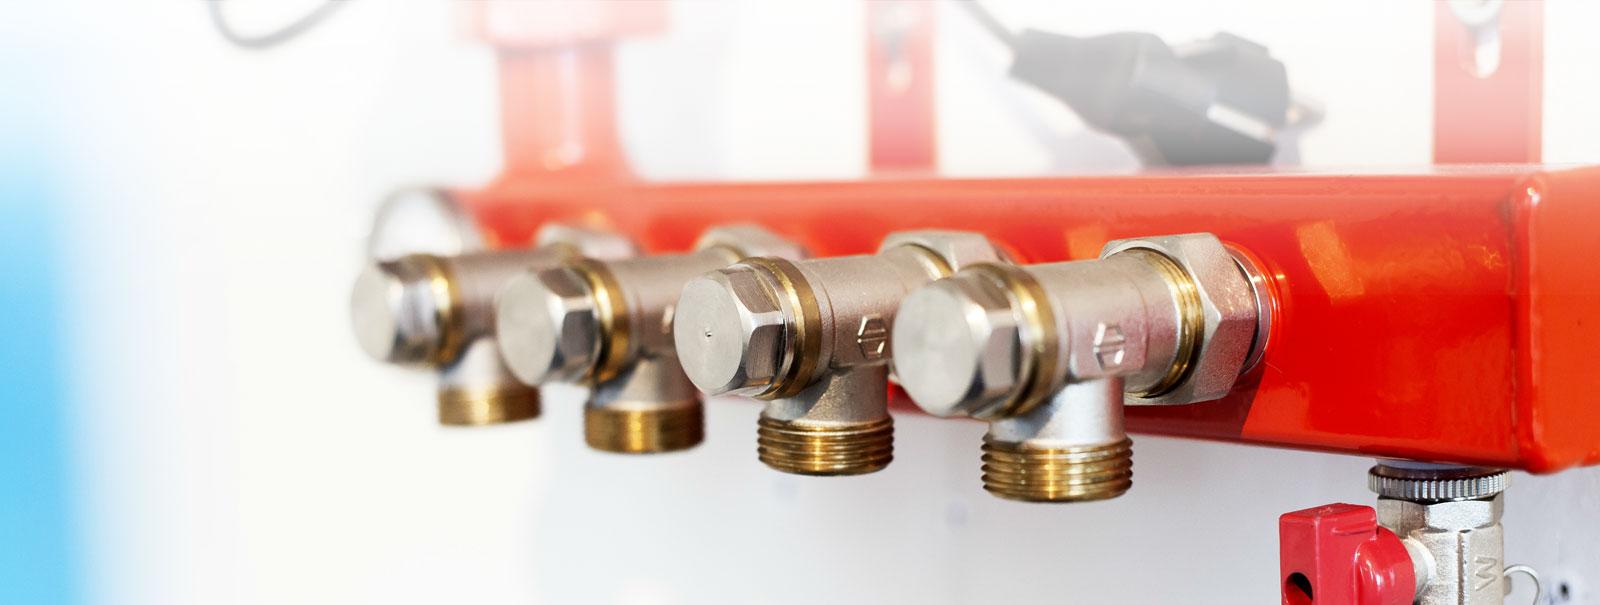 Bekend Gas-en Waterleiding | Van Wijk Installatietechniek | Musselkanaal BN49